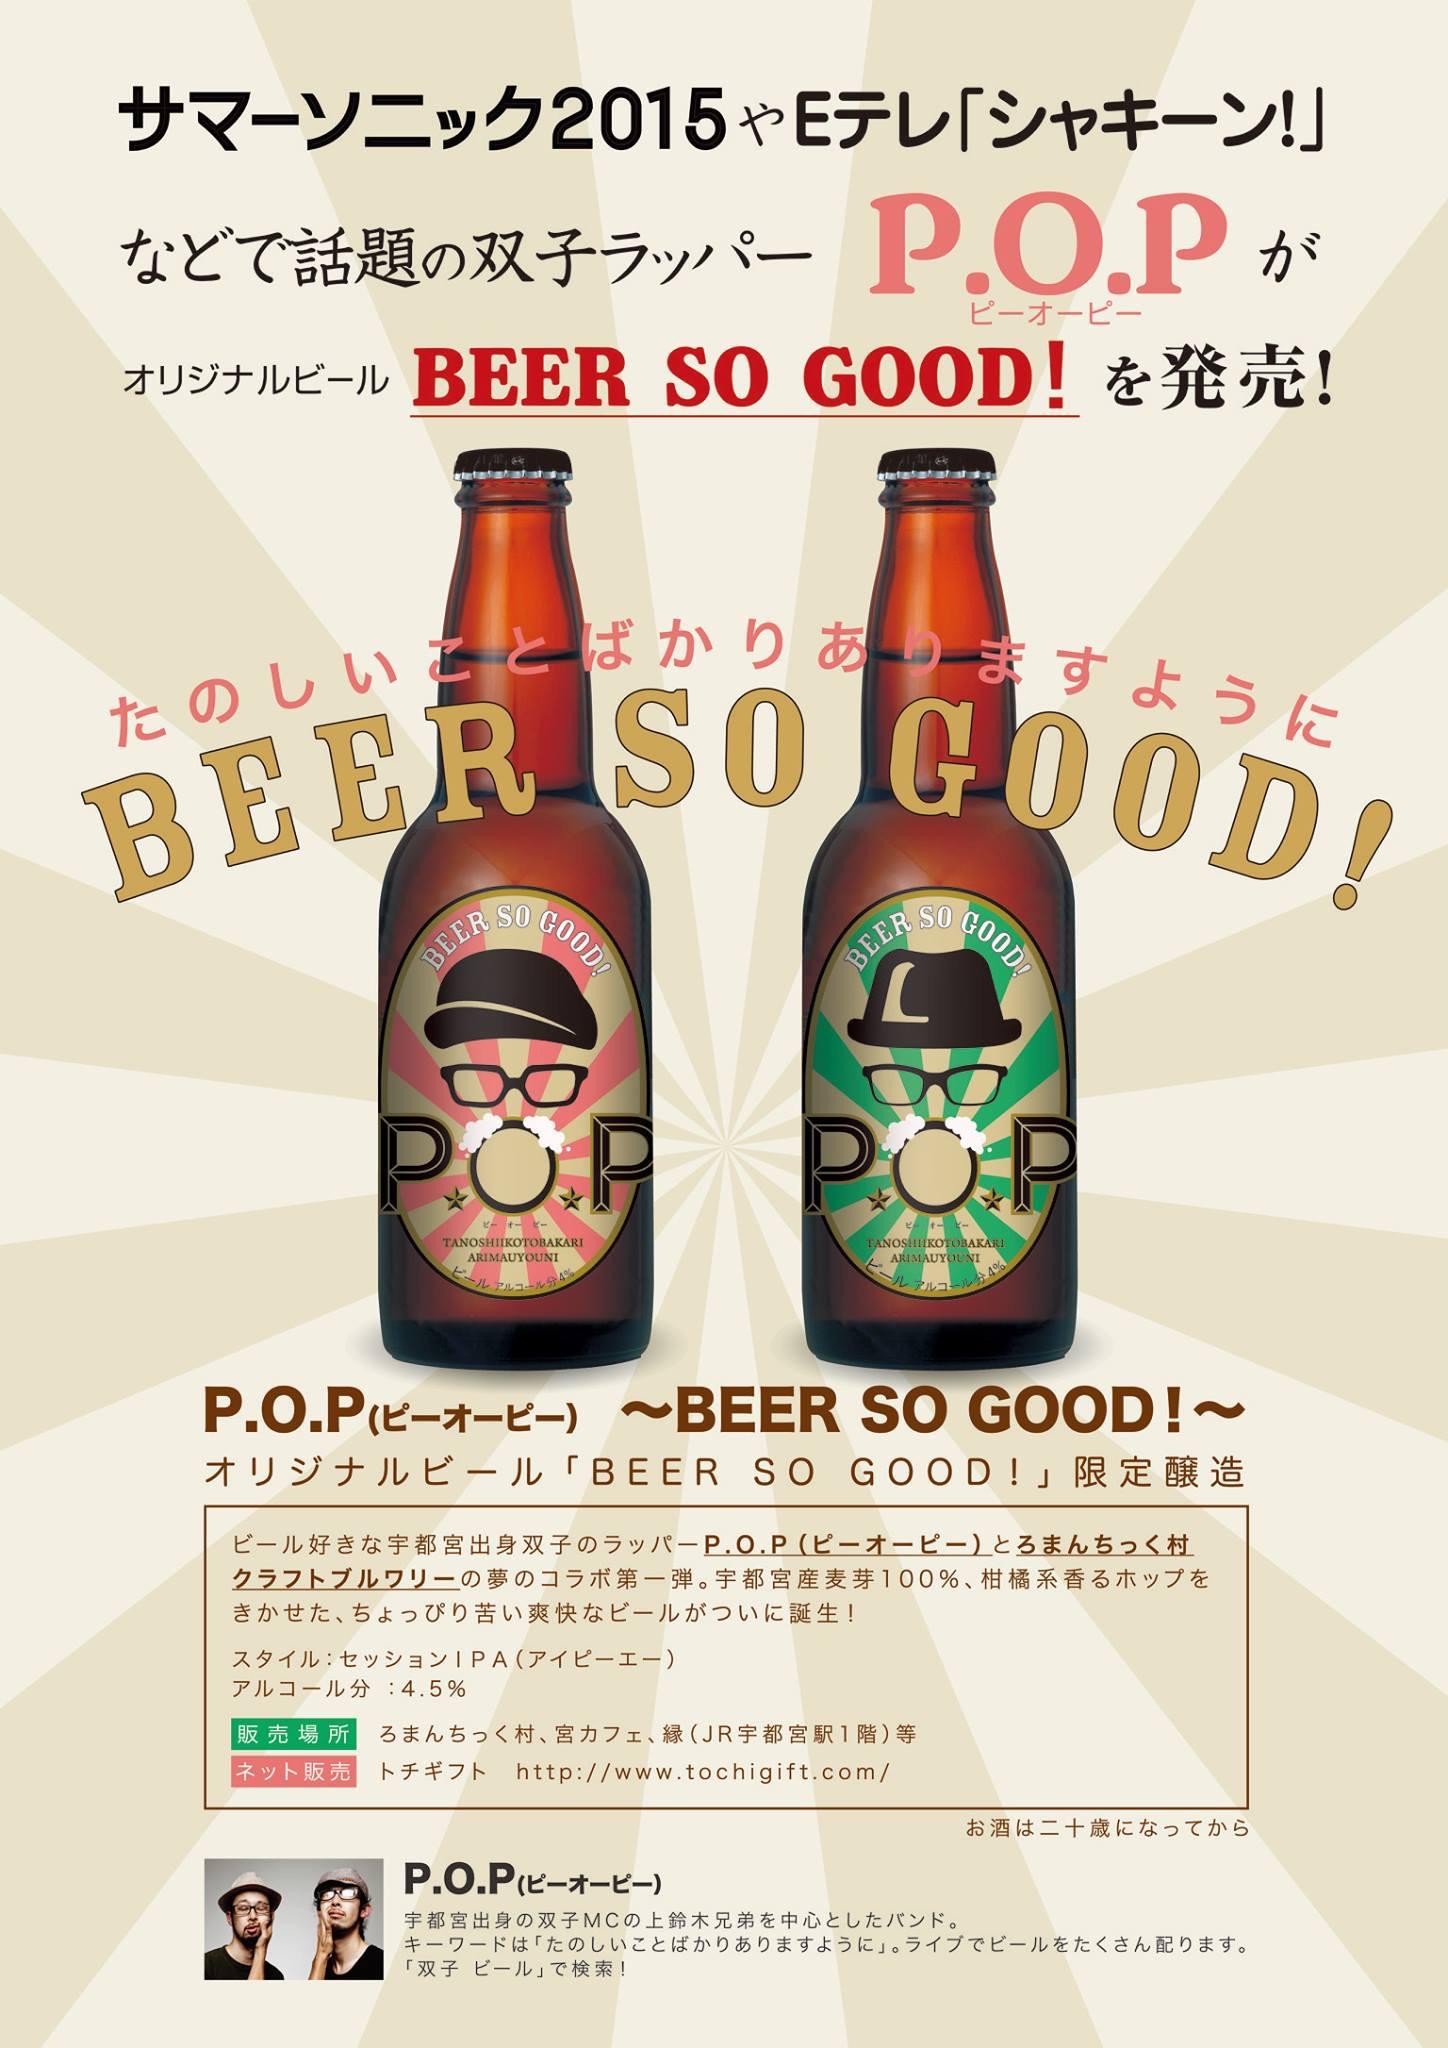 BEER SO GOOD!